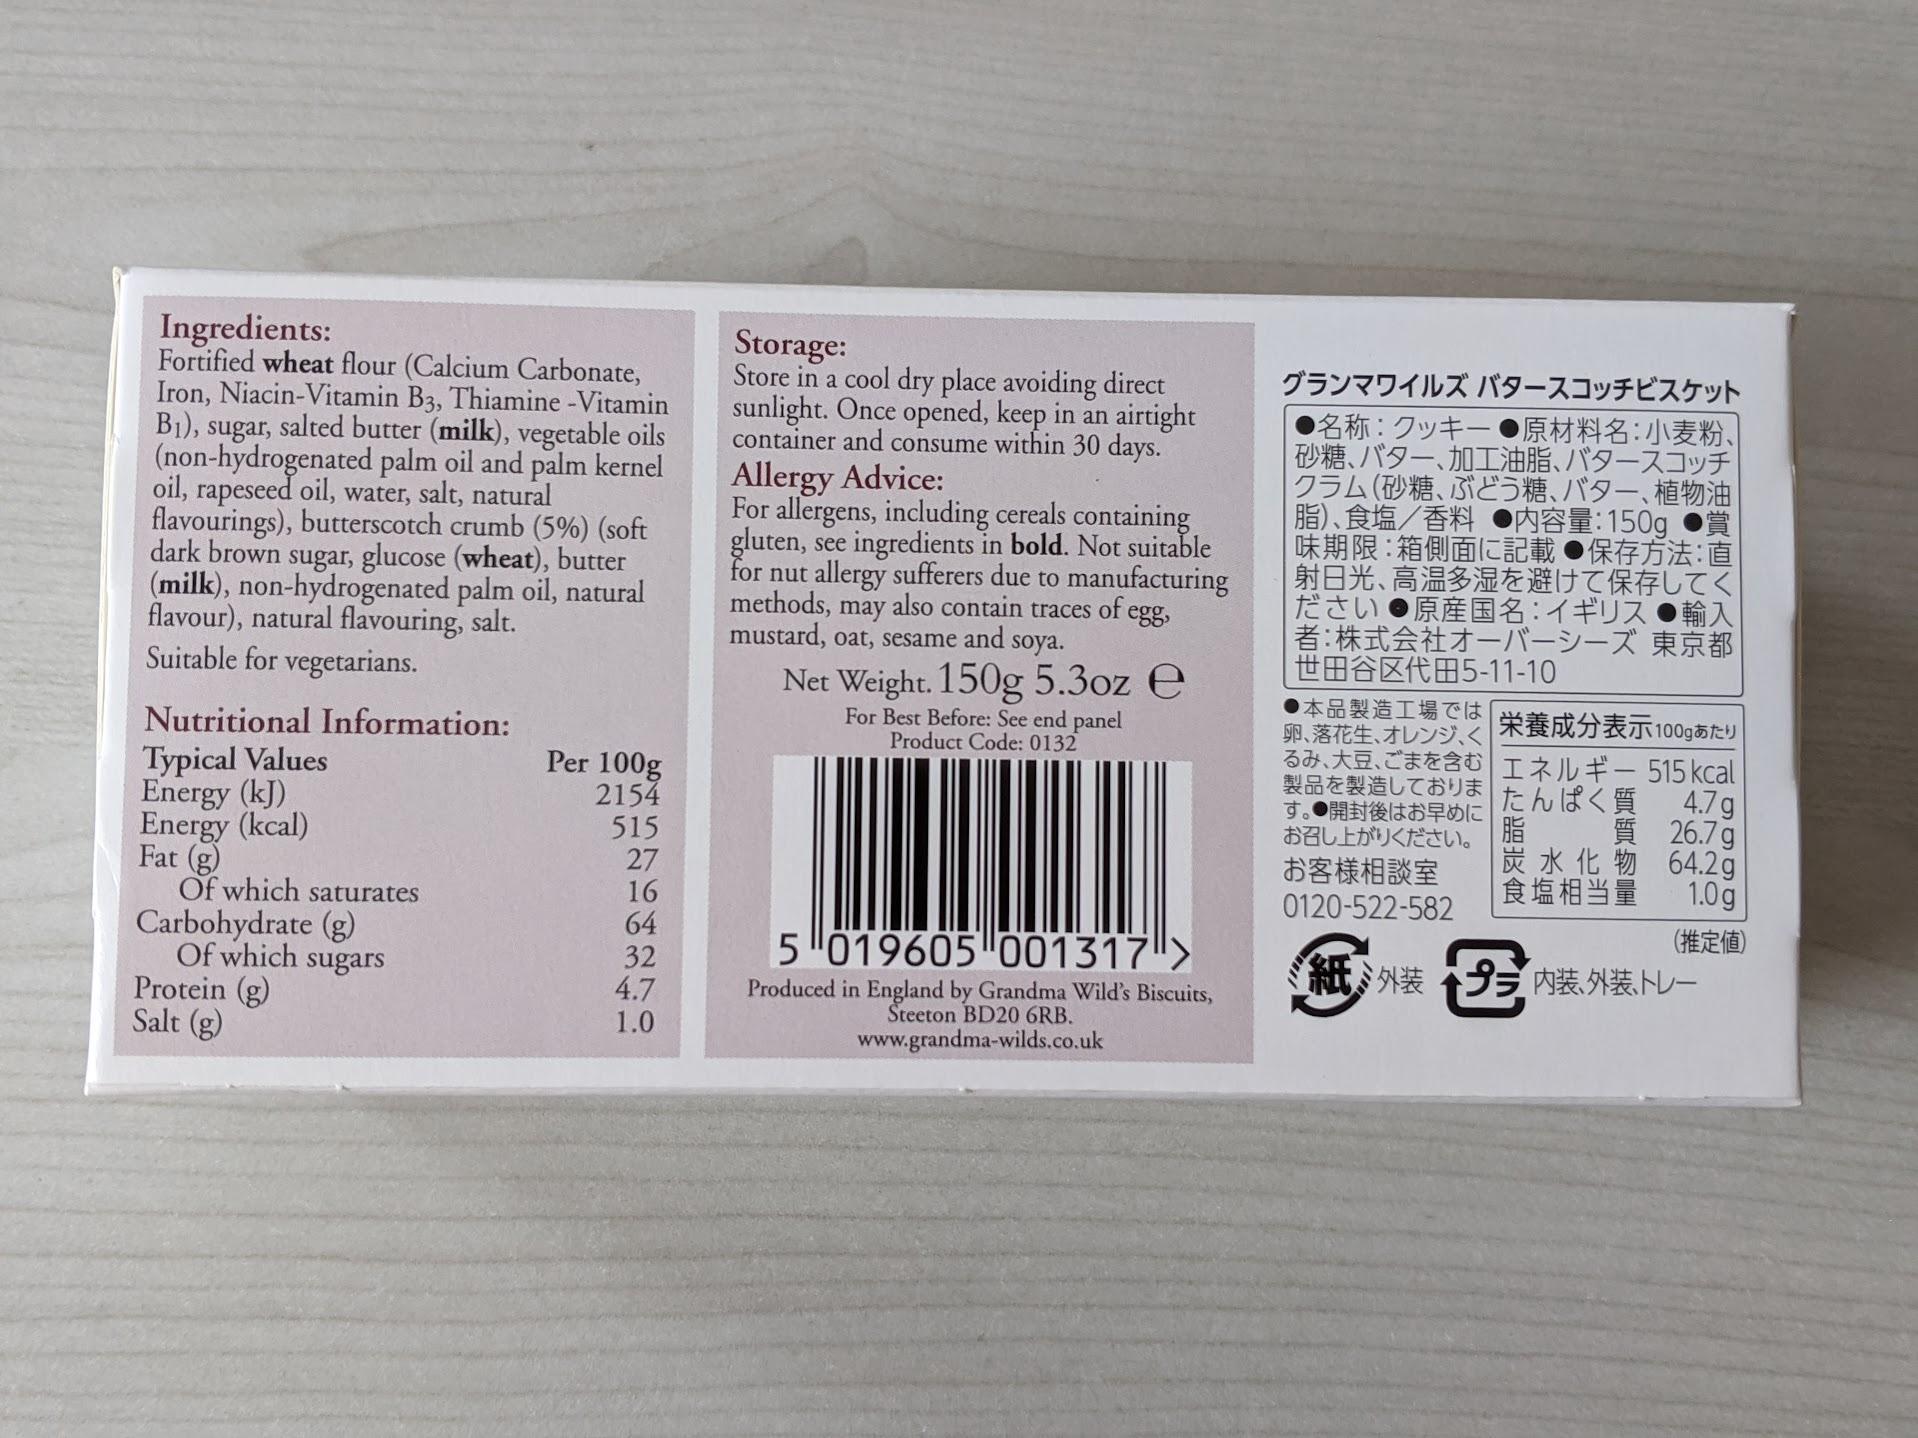 グランマワイルズ バタースコッチビスケットの栄養成分表示